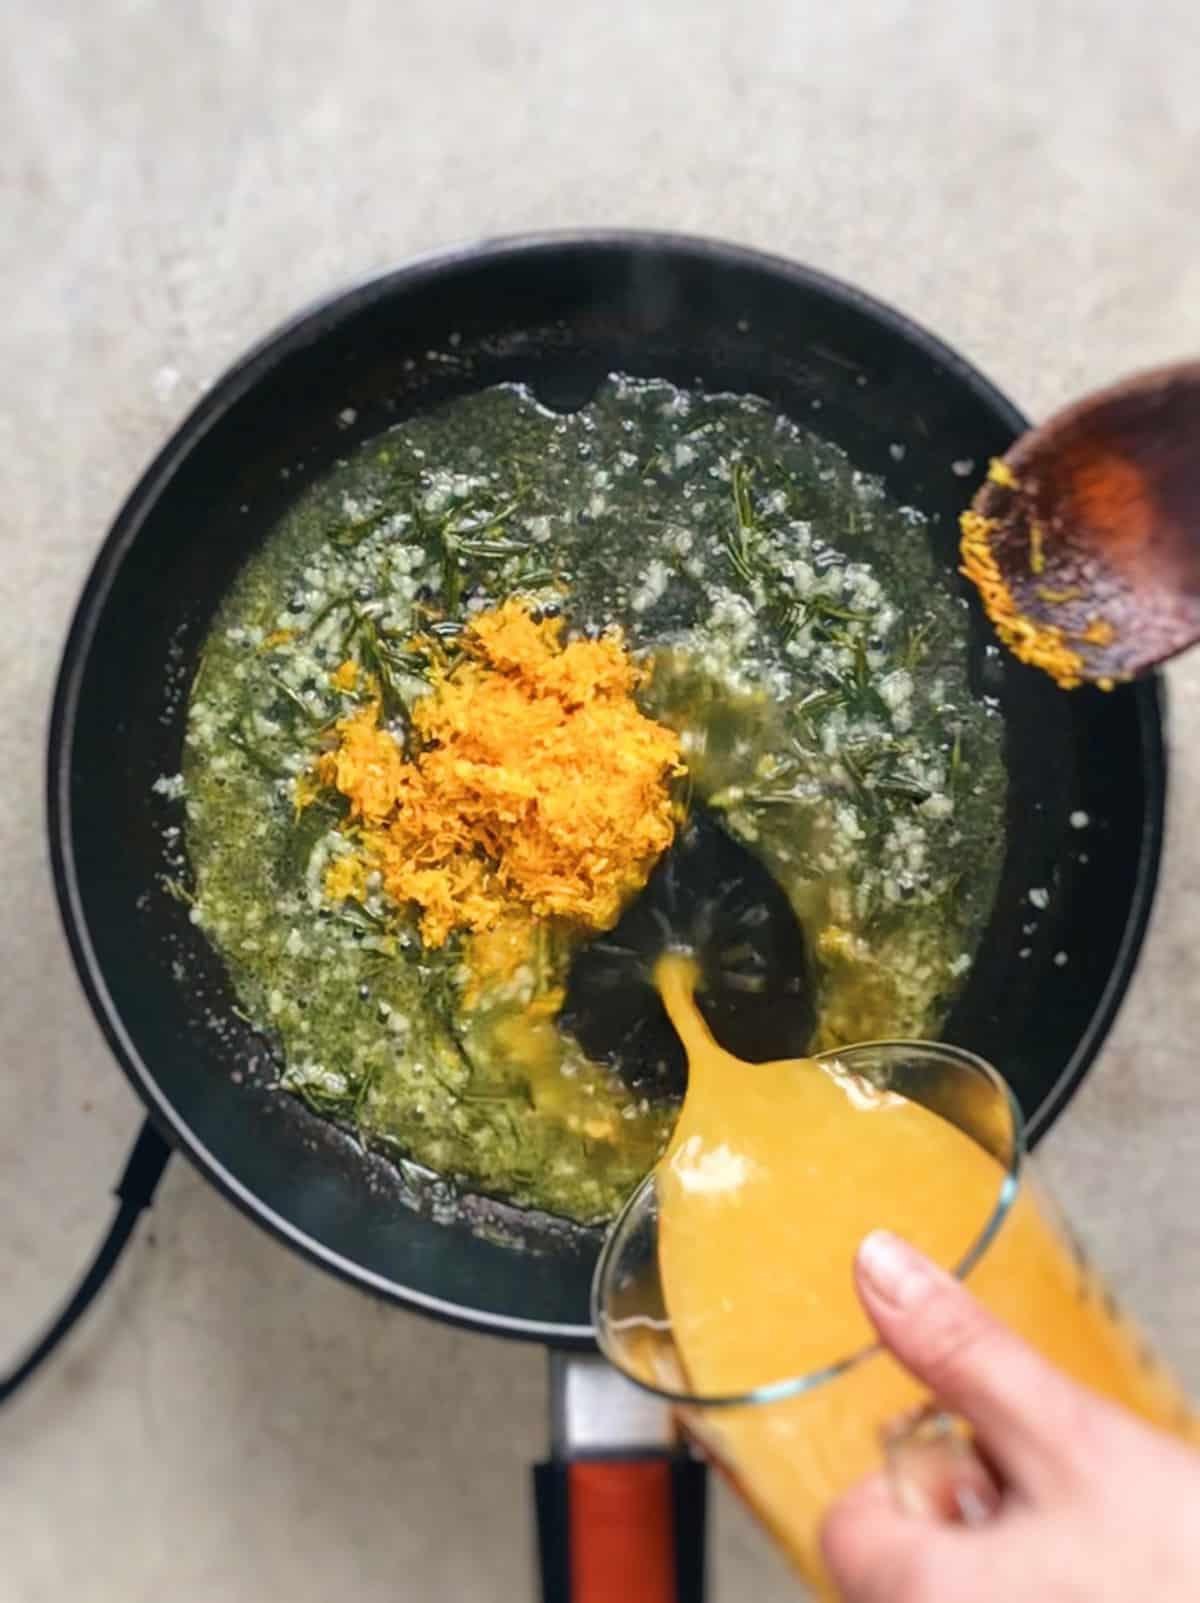 Salmón con naranja en sartén